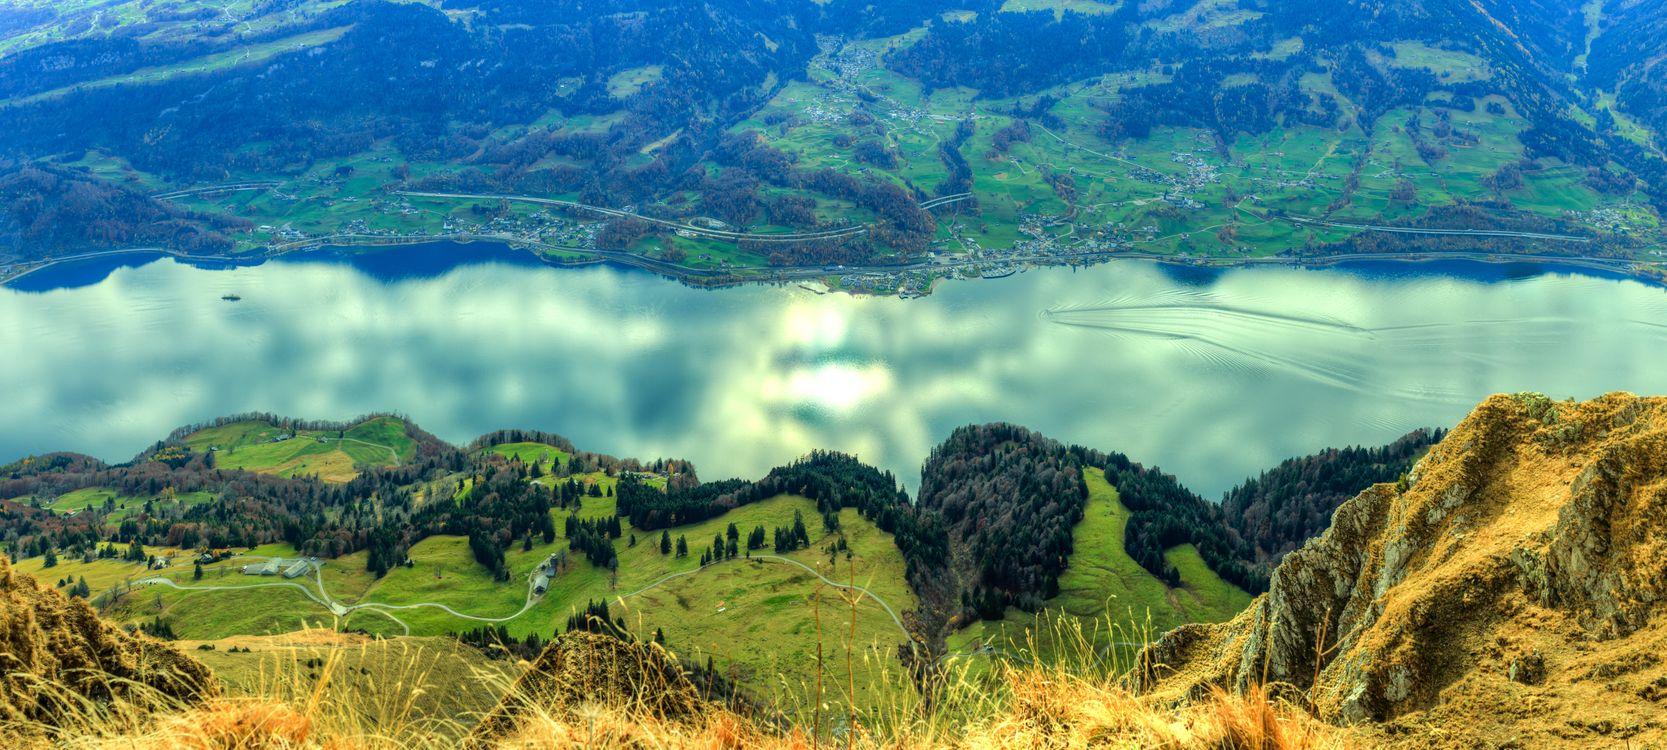 Фото бесплатно Швейцария, панорама, река - на рабочий стол